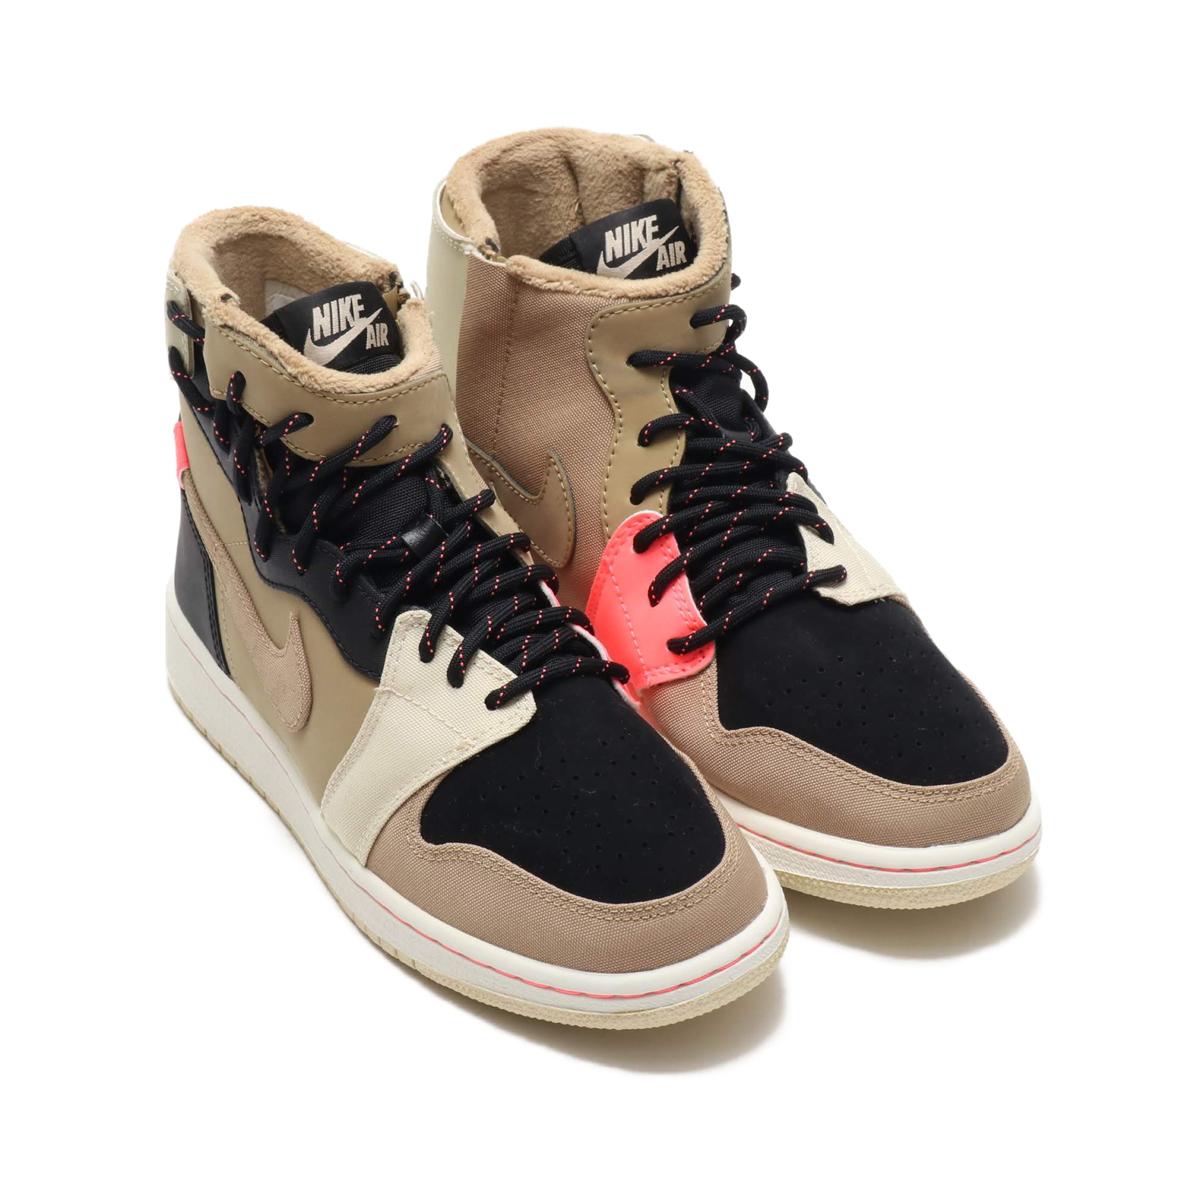 bf5035969d5a NIKE W AIR JORDAN 1 REBEL XX UT PK (Nike women Air Jordan 1 REBEL XX UT PK)  PARACHUTE BEIGE PARACHUTE BEIGE-BLACK 18HO-I